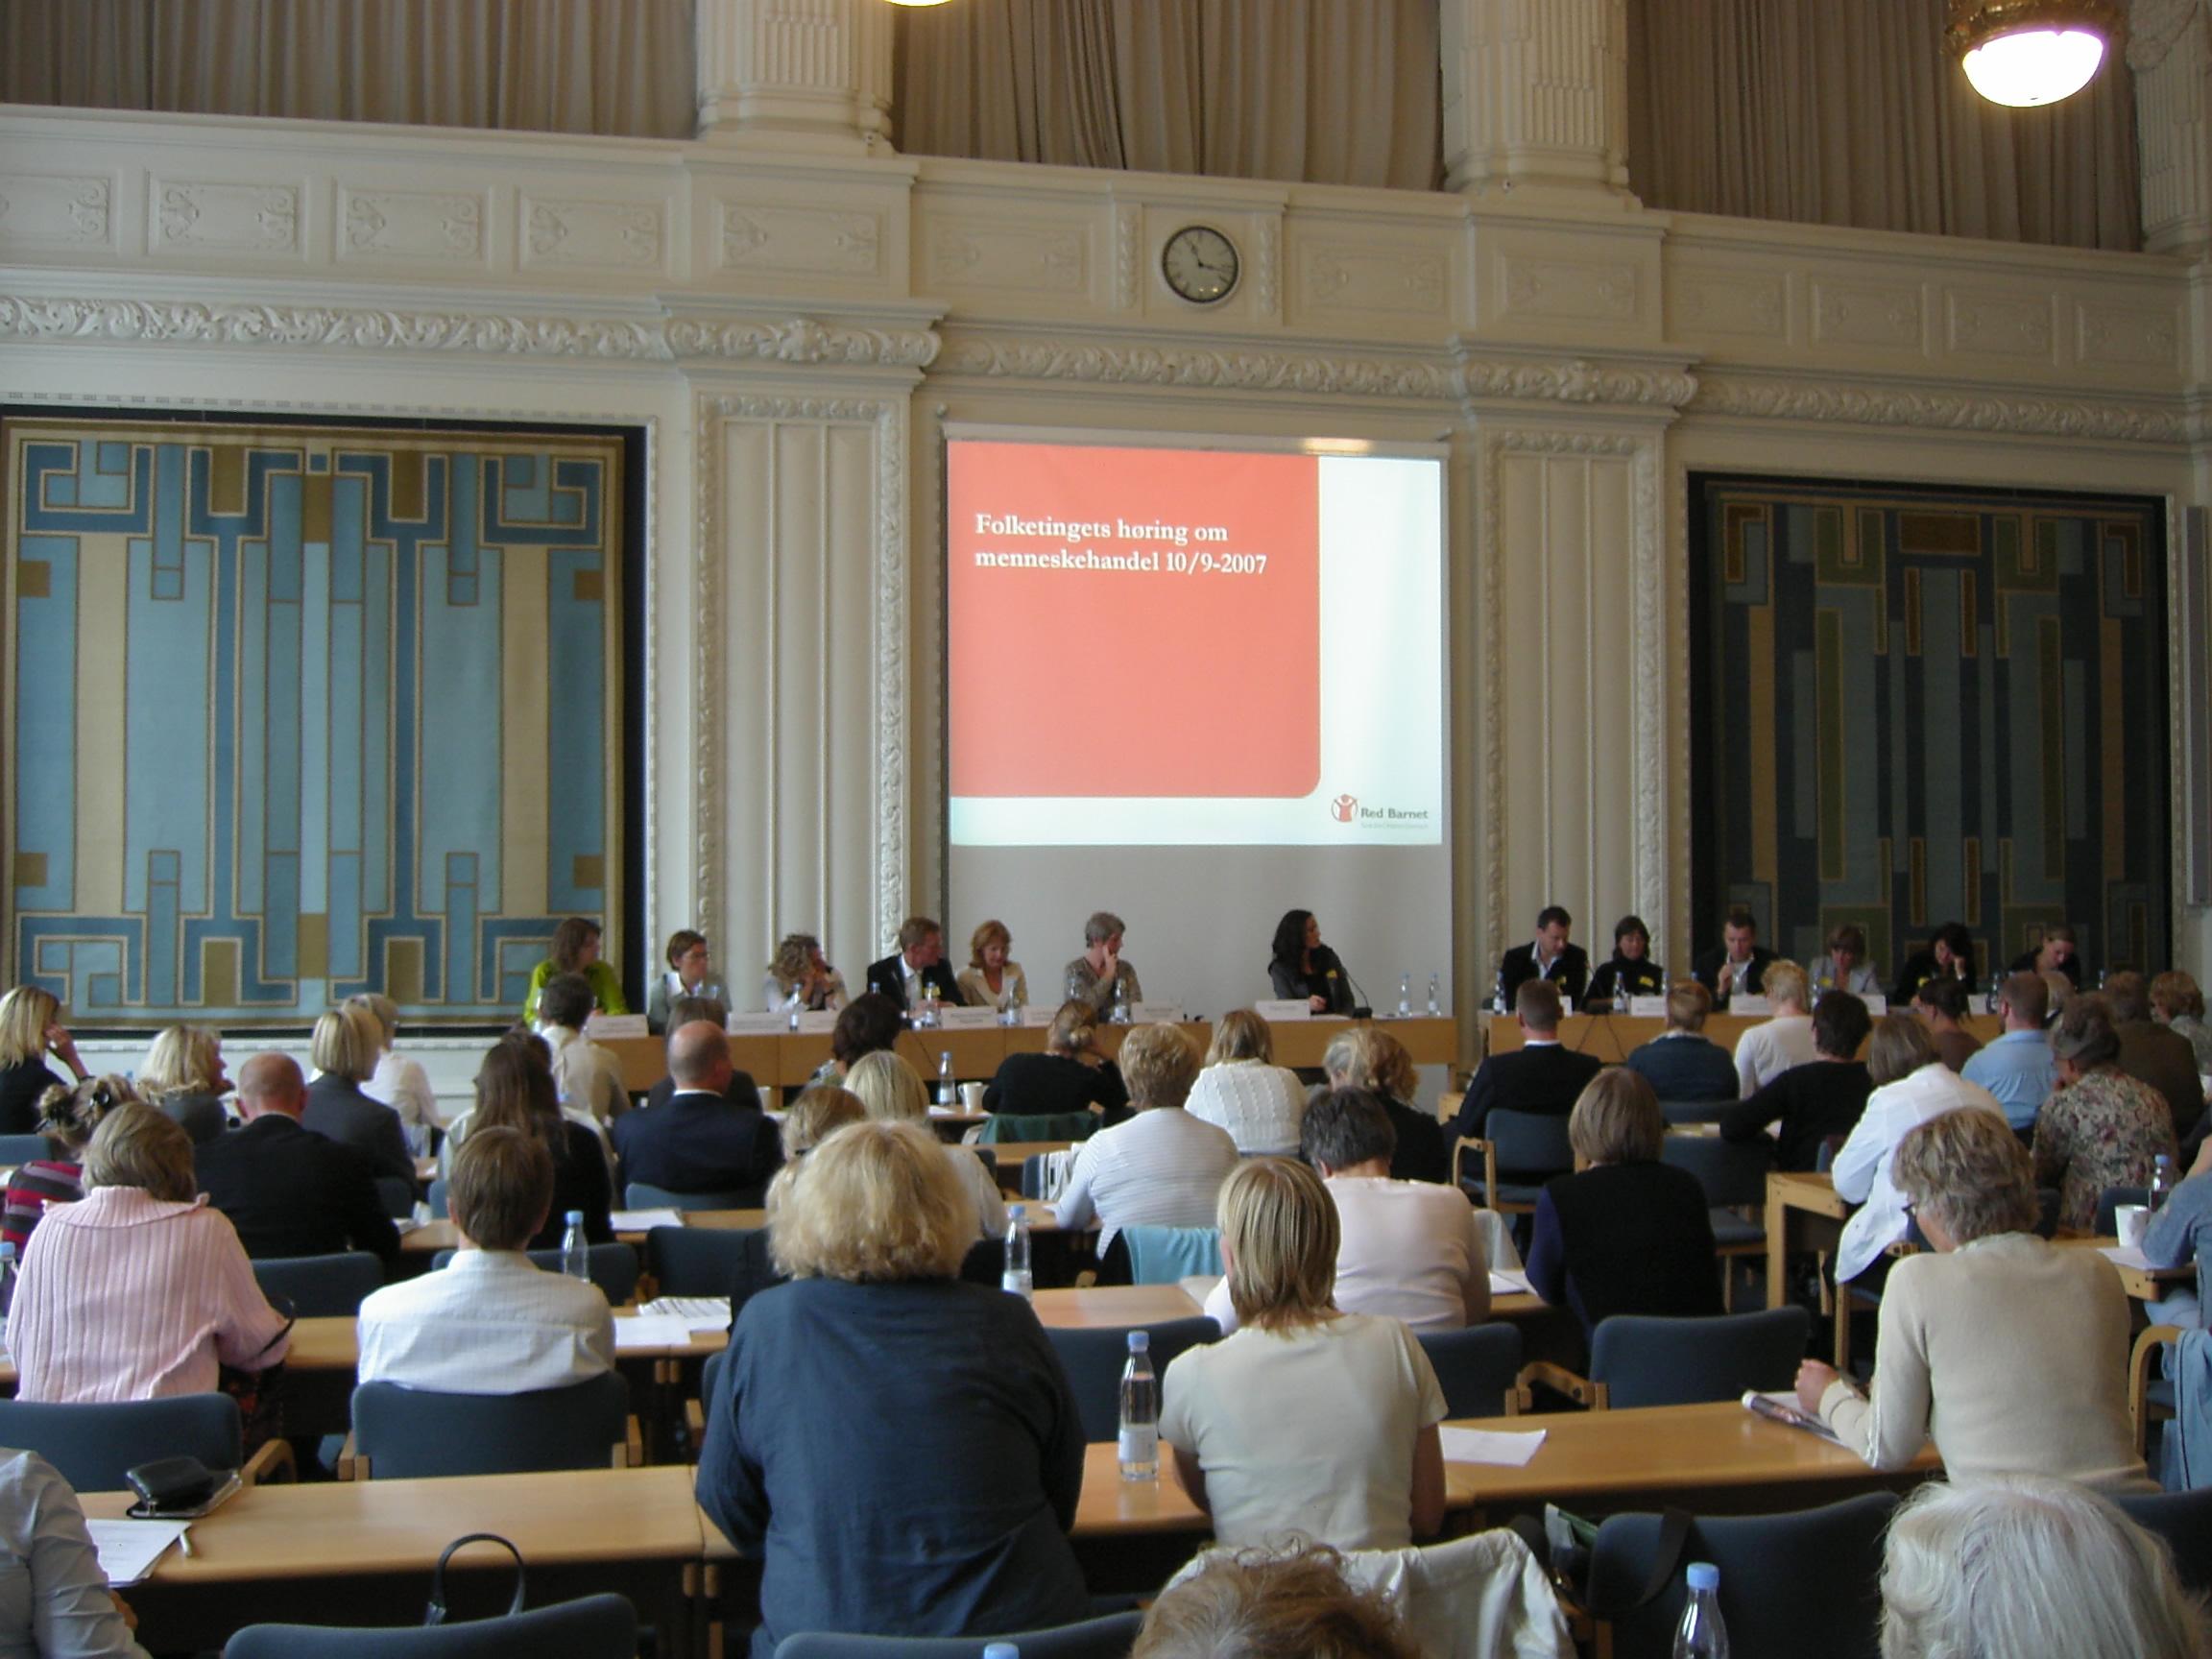 Høring om menneskehandel på Christiansborg d. 10. sep. 2007